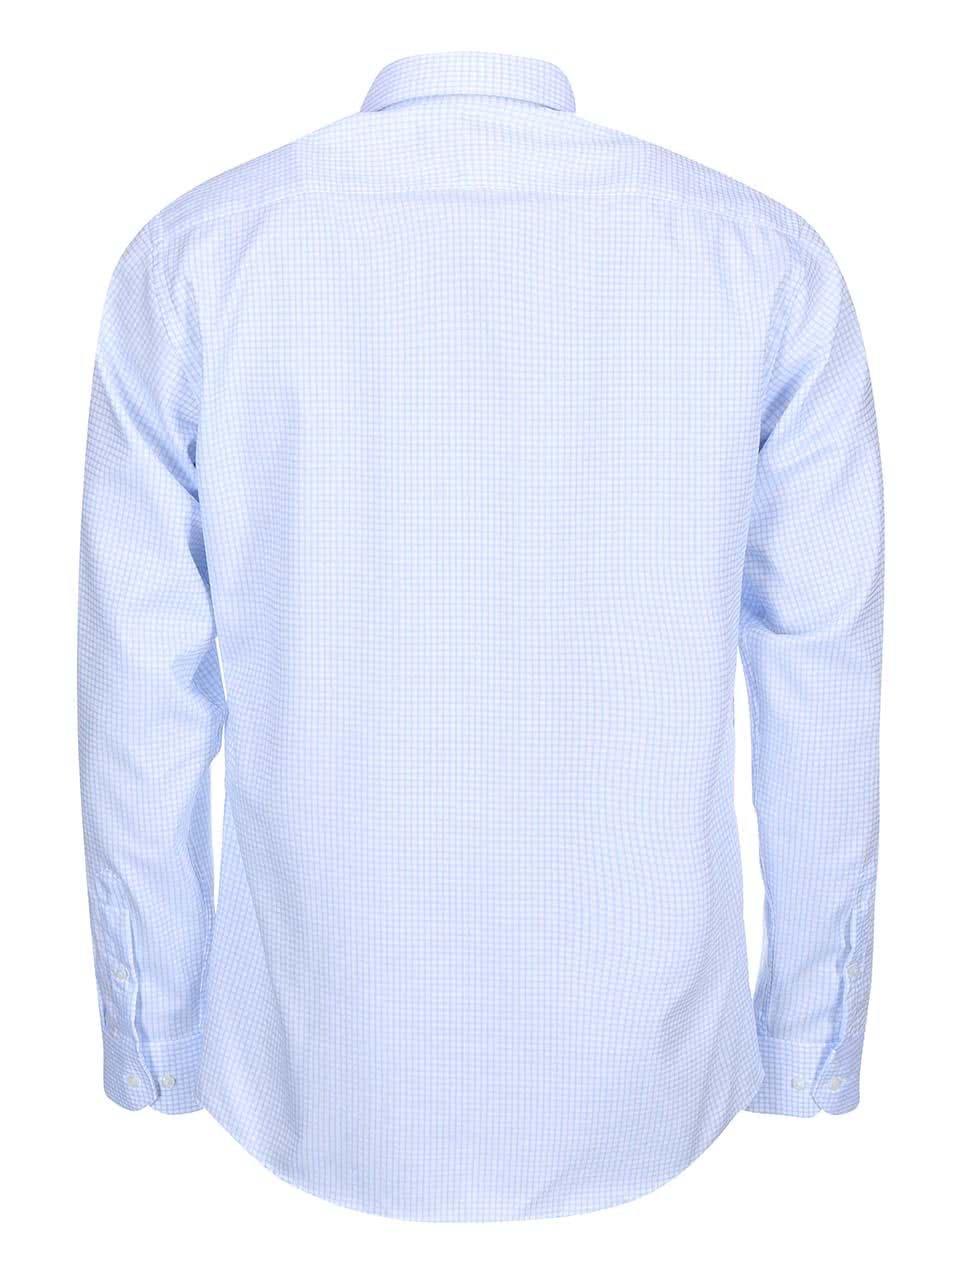 Bílo-modrá formální kostkovaná slim fit košile Seven Seas Castaway